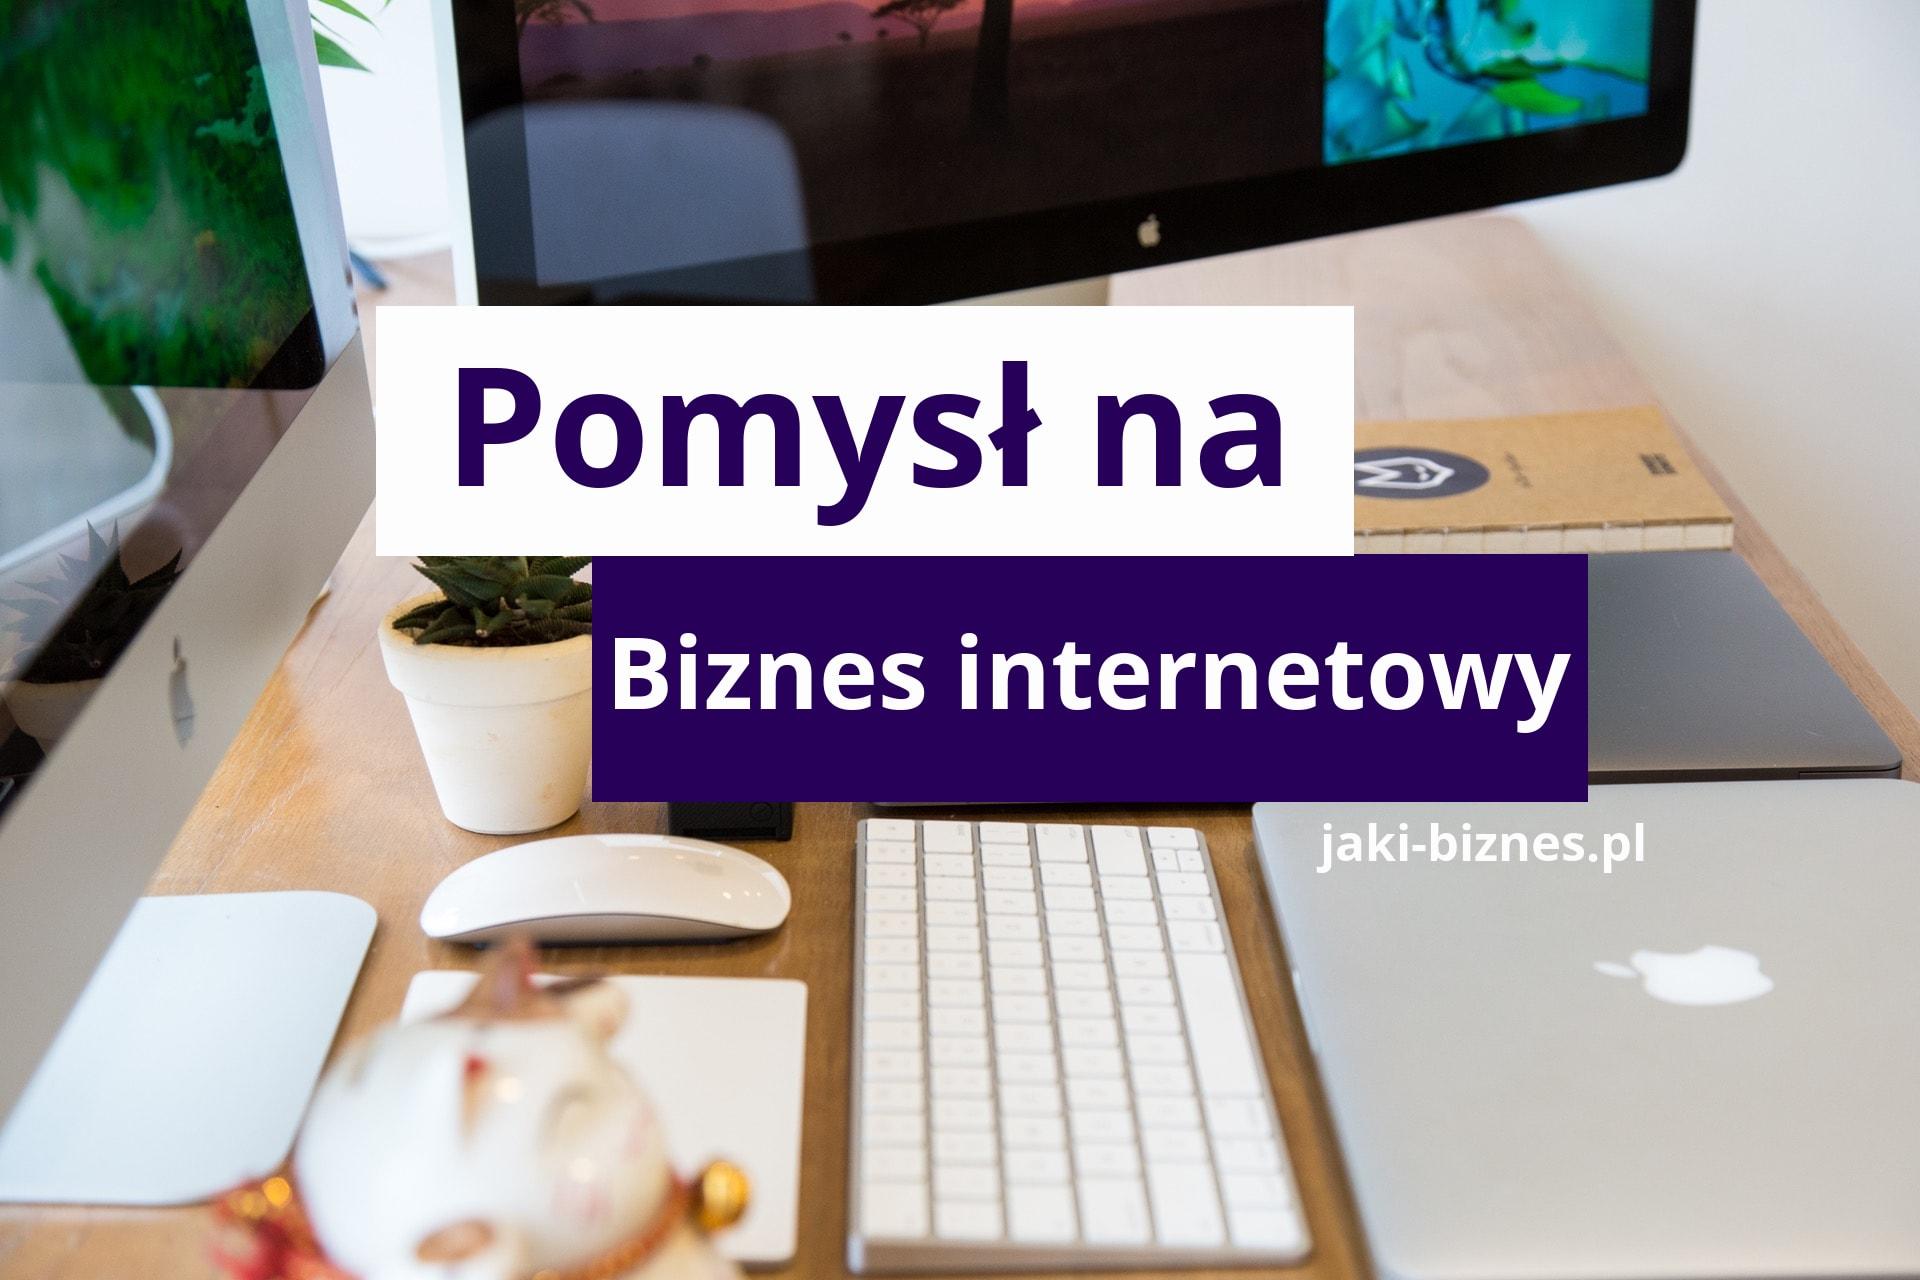 403c092a965105 Pomysł na biznes internetowy + gotowy plan - jak zarabiać w Internecie!